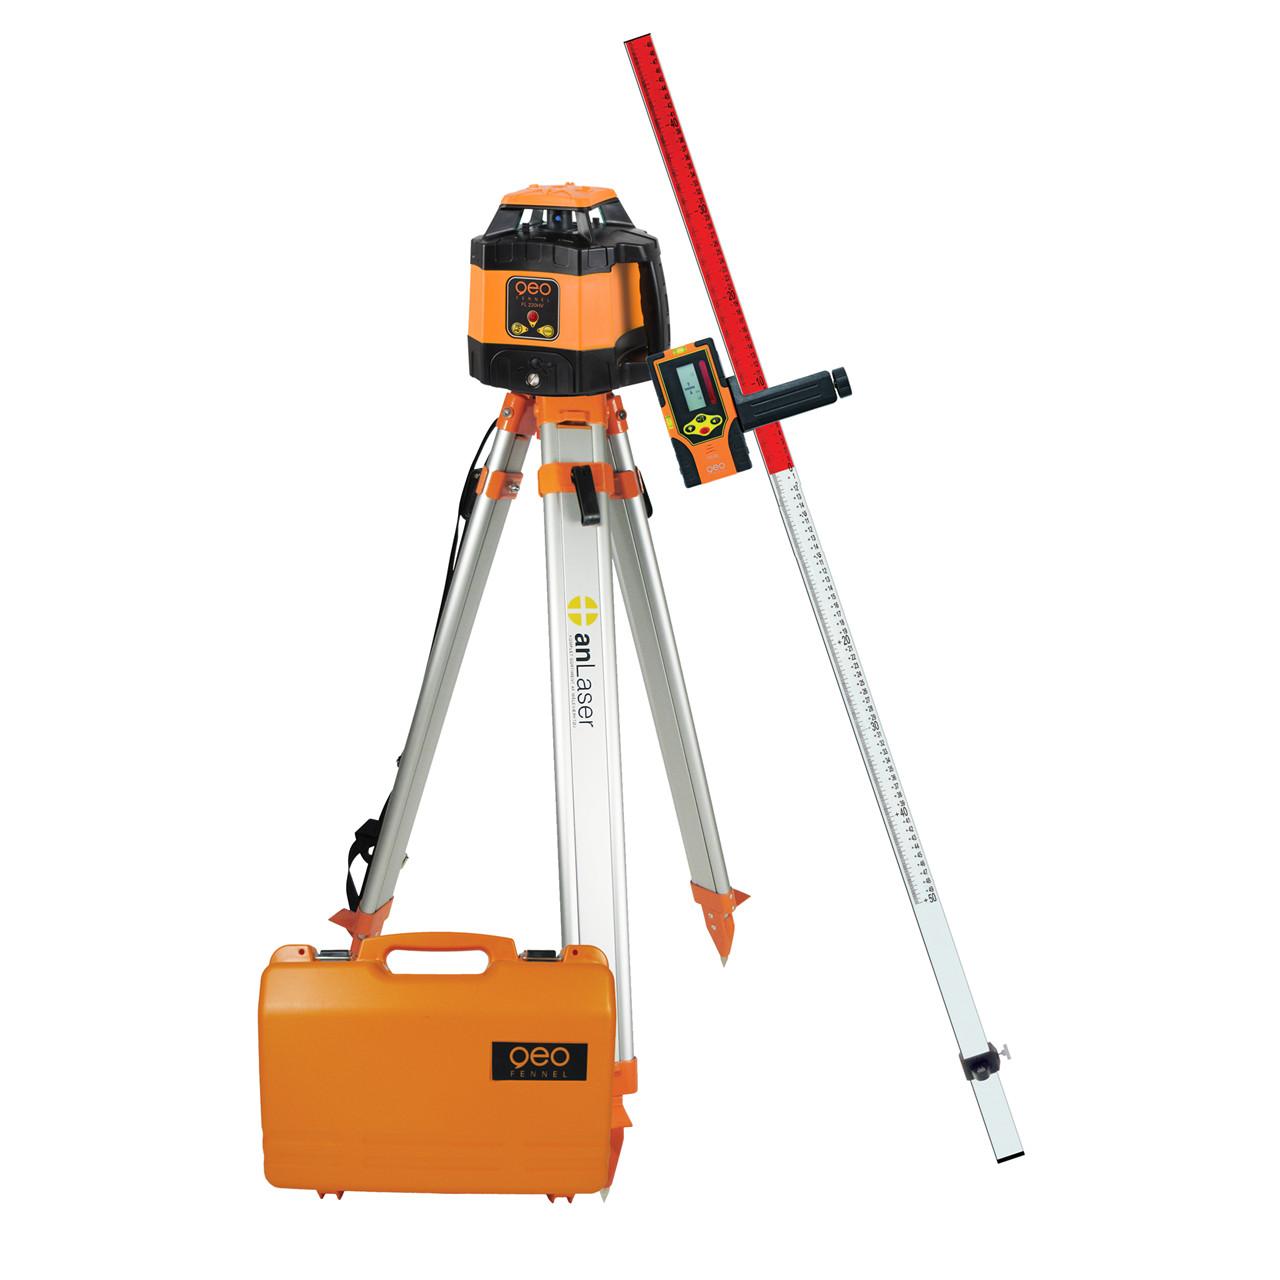 geoFENNEL Rotationslaser FL 220 HV m/FR 45 komplet - Værktøj -> Laser og måleinstrumenter -> Laser -> Cirkellaser Værktøj -> Laser og måleinstrumenter -> Laser -> Rotationslaser Værktøj -> Laser og måleinstrumenter -> Laser Værktøj -> Laser og måleinstrumenter Mærker -> geo-FEN